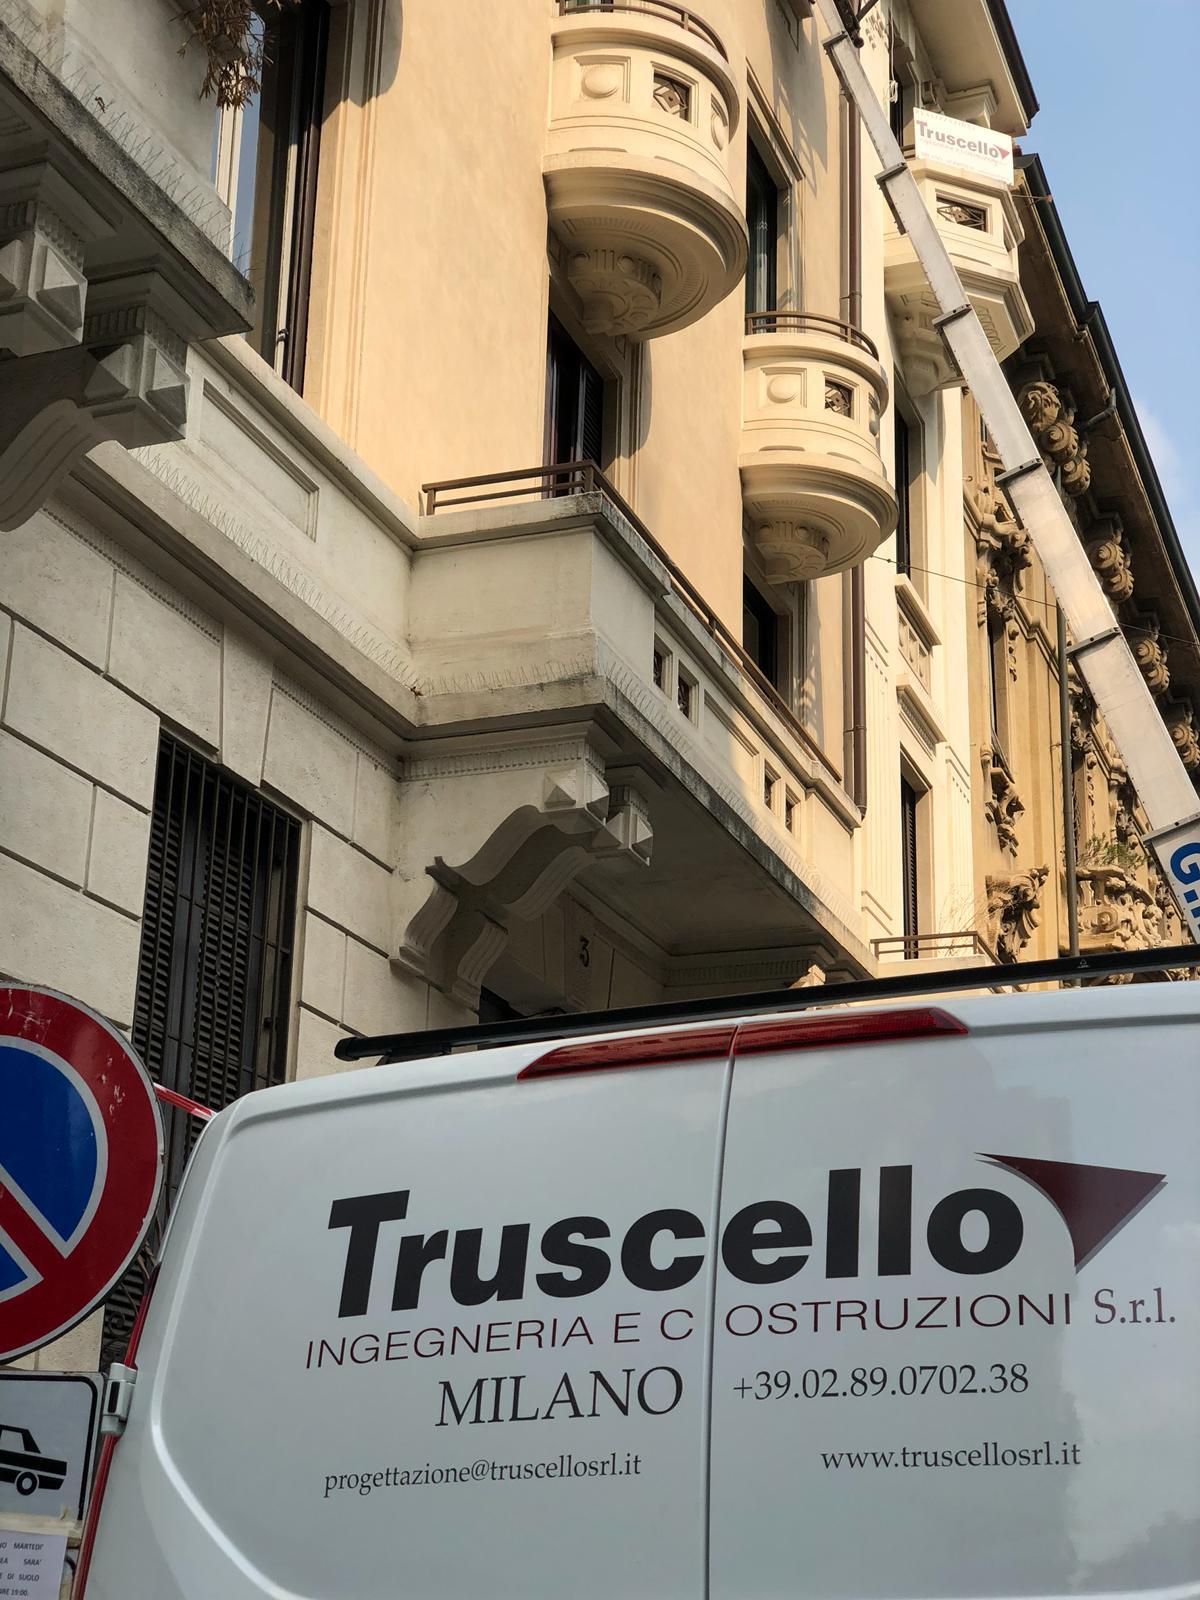 4. Particolare furgoncino dell'impresa edile Truscello Srl: lavori in corso.